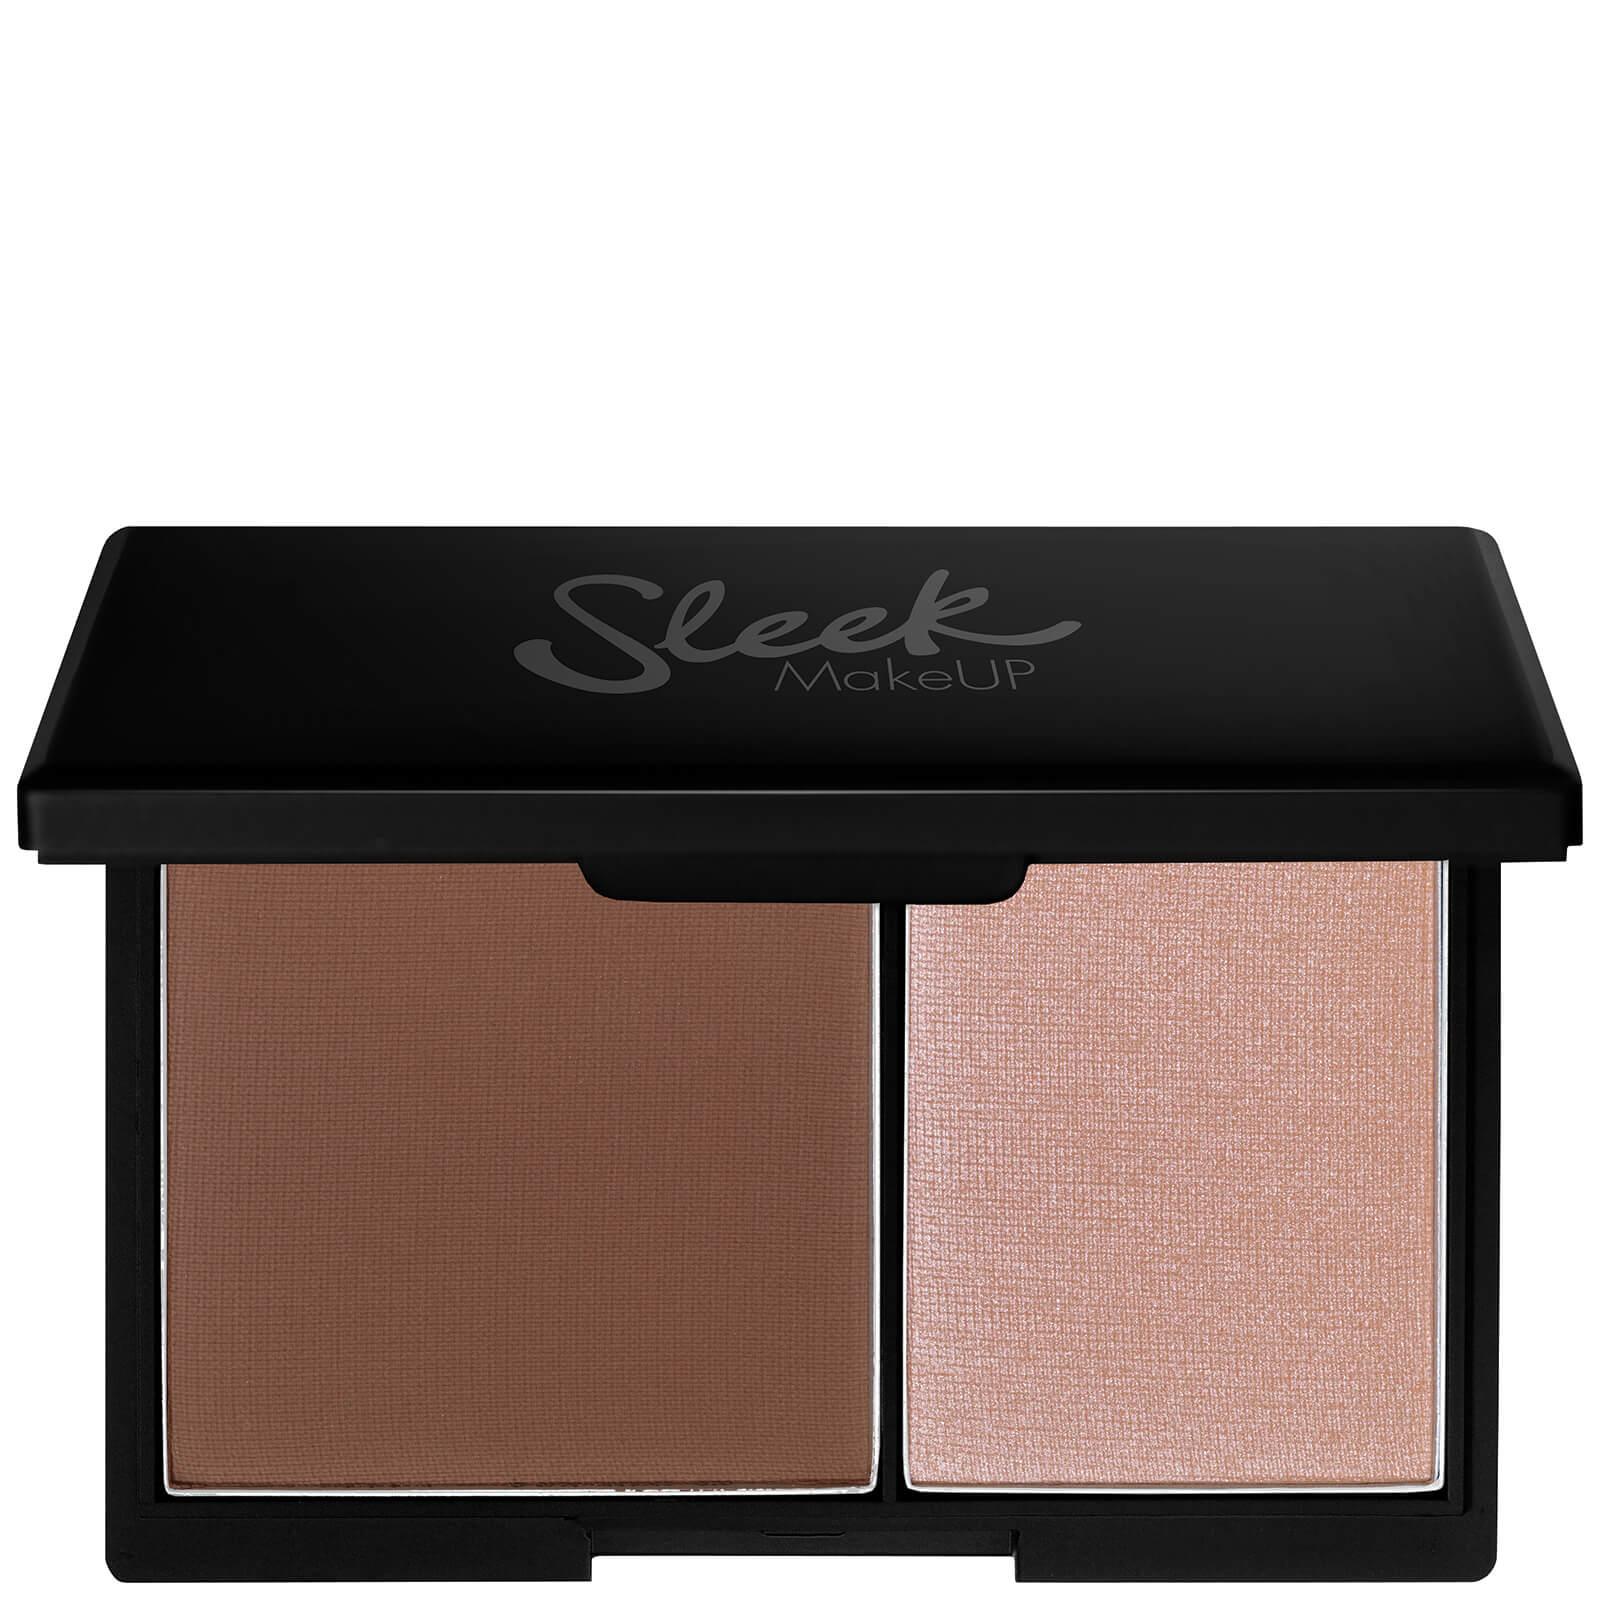 Sleek MakeUP Face Contour Kit - Light 13g